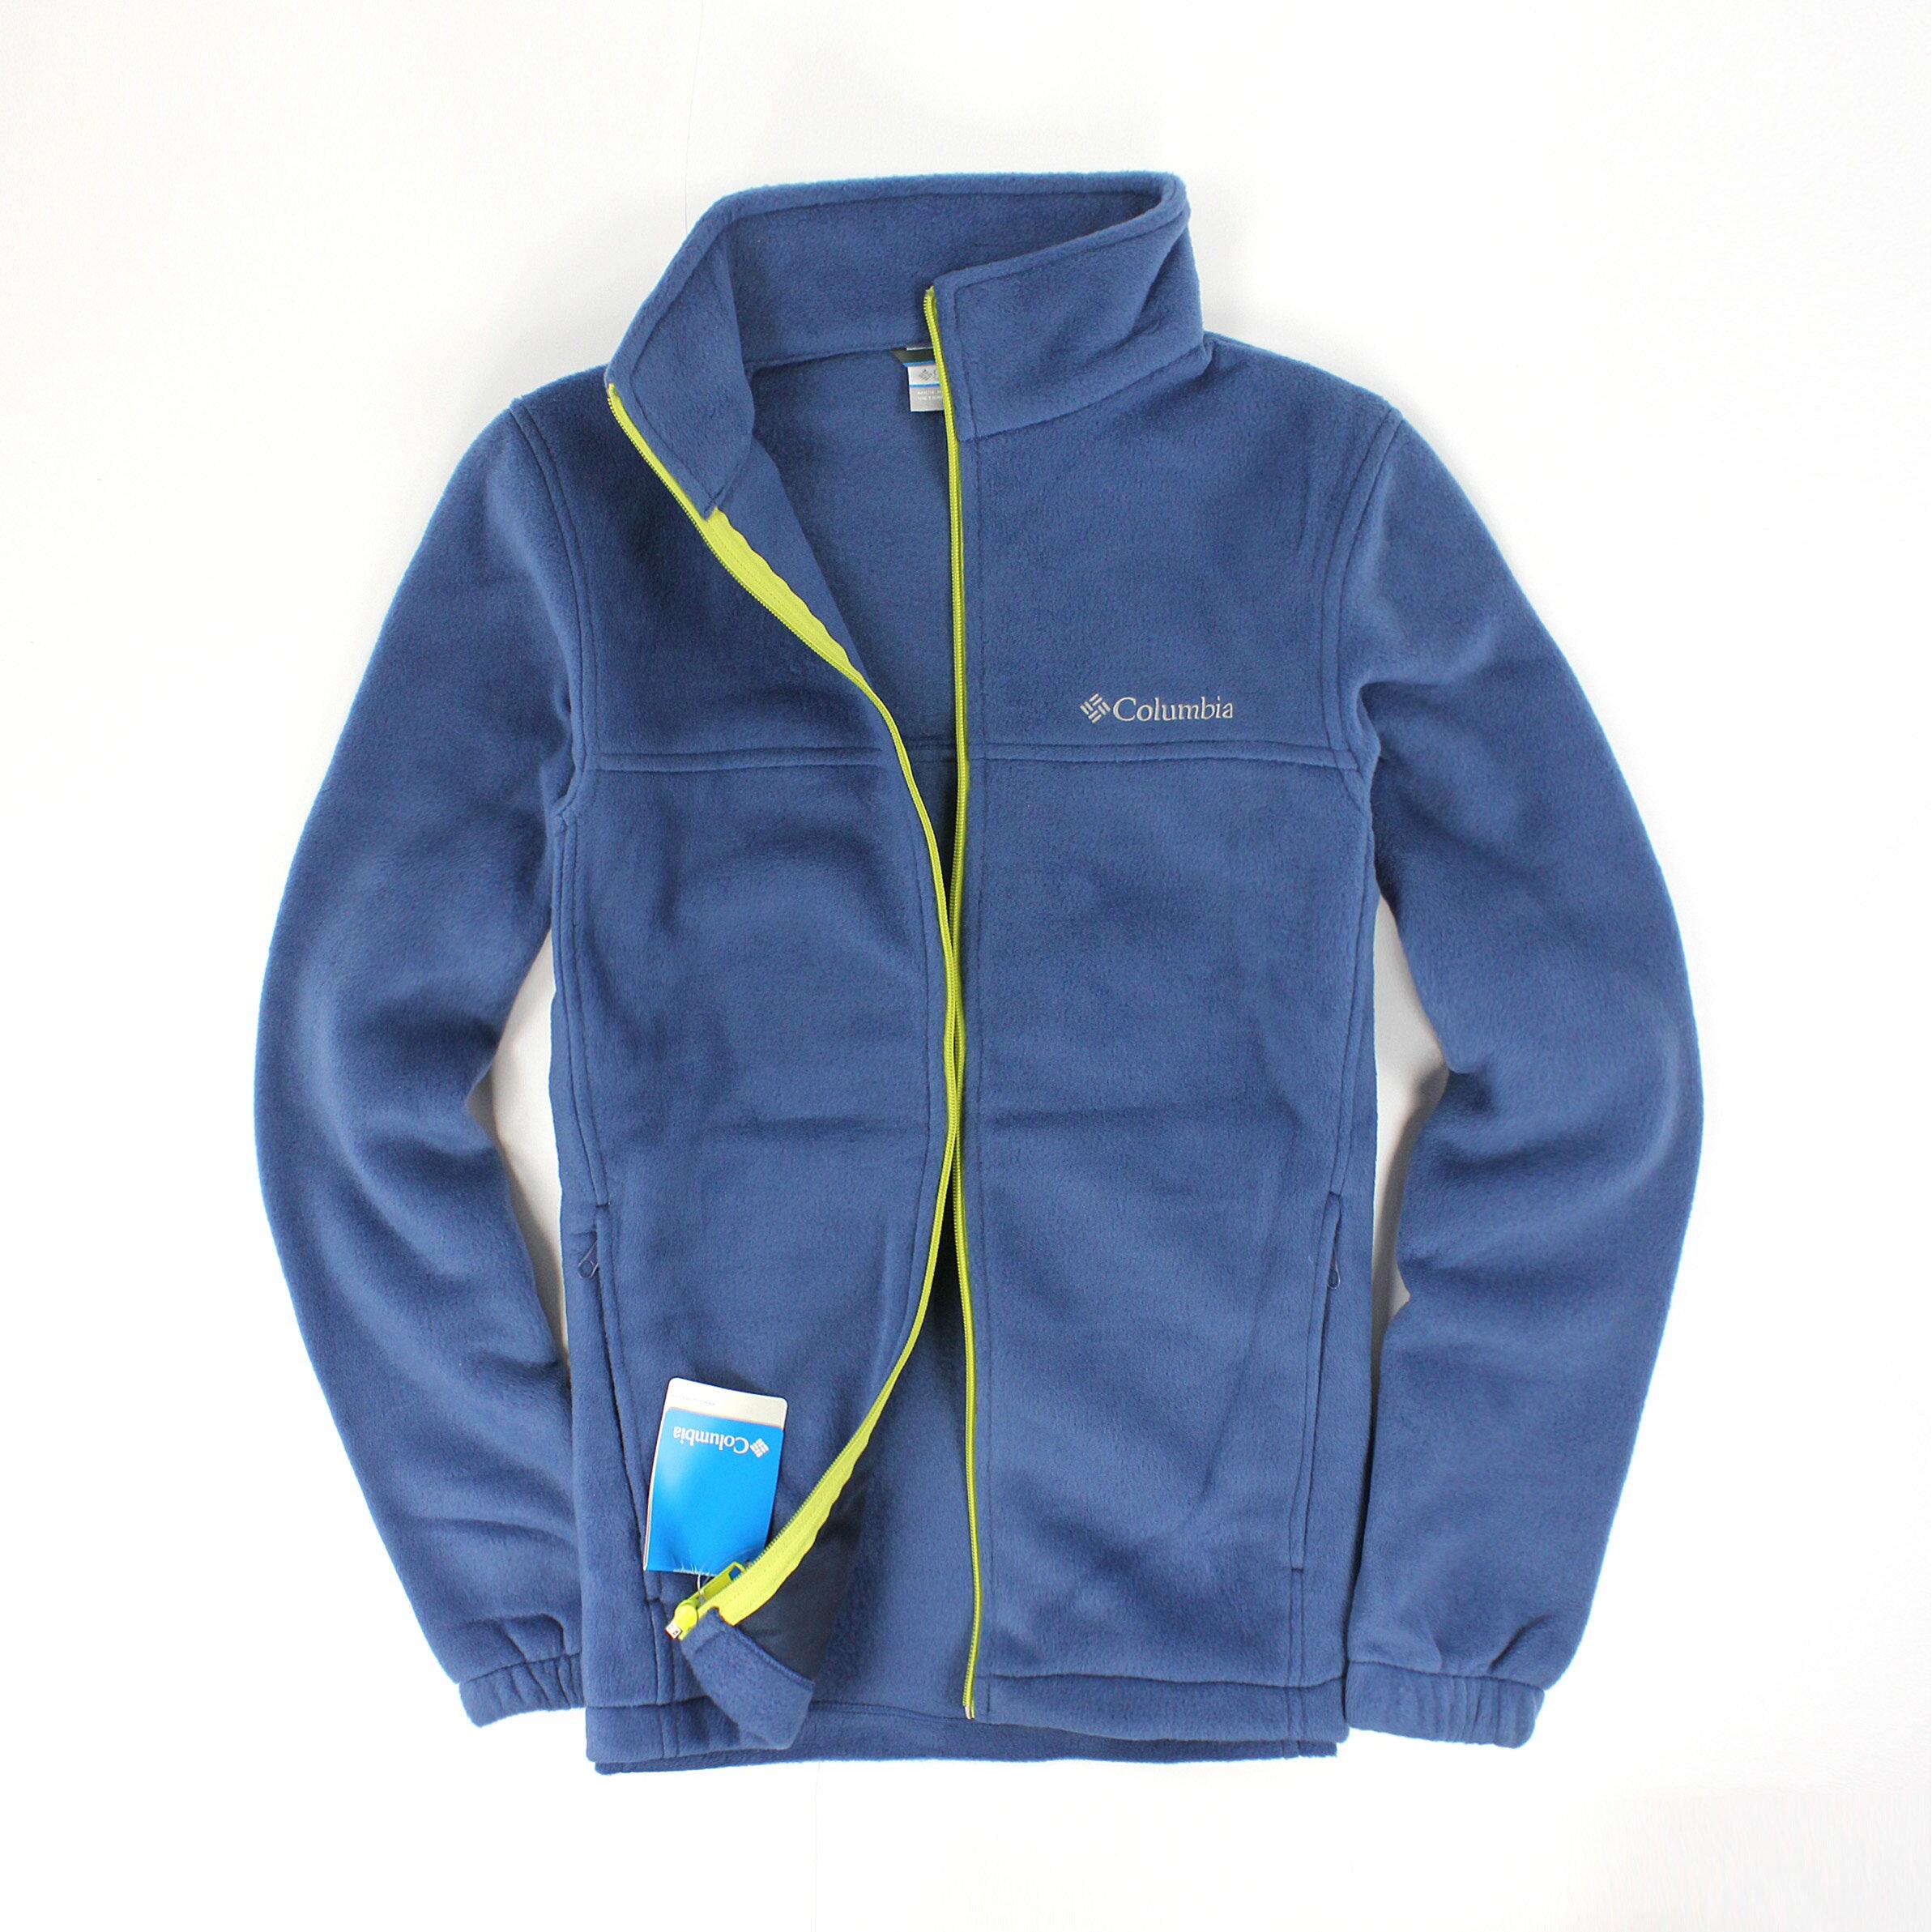 美國百分百【全新真品】Columbia 外套 上衣 夾克 刷毛外套 哥倫比亞 藍 保暖 立領 輕巧 男衣 S號